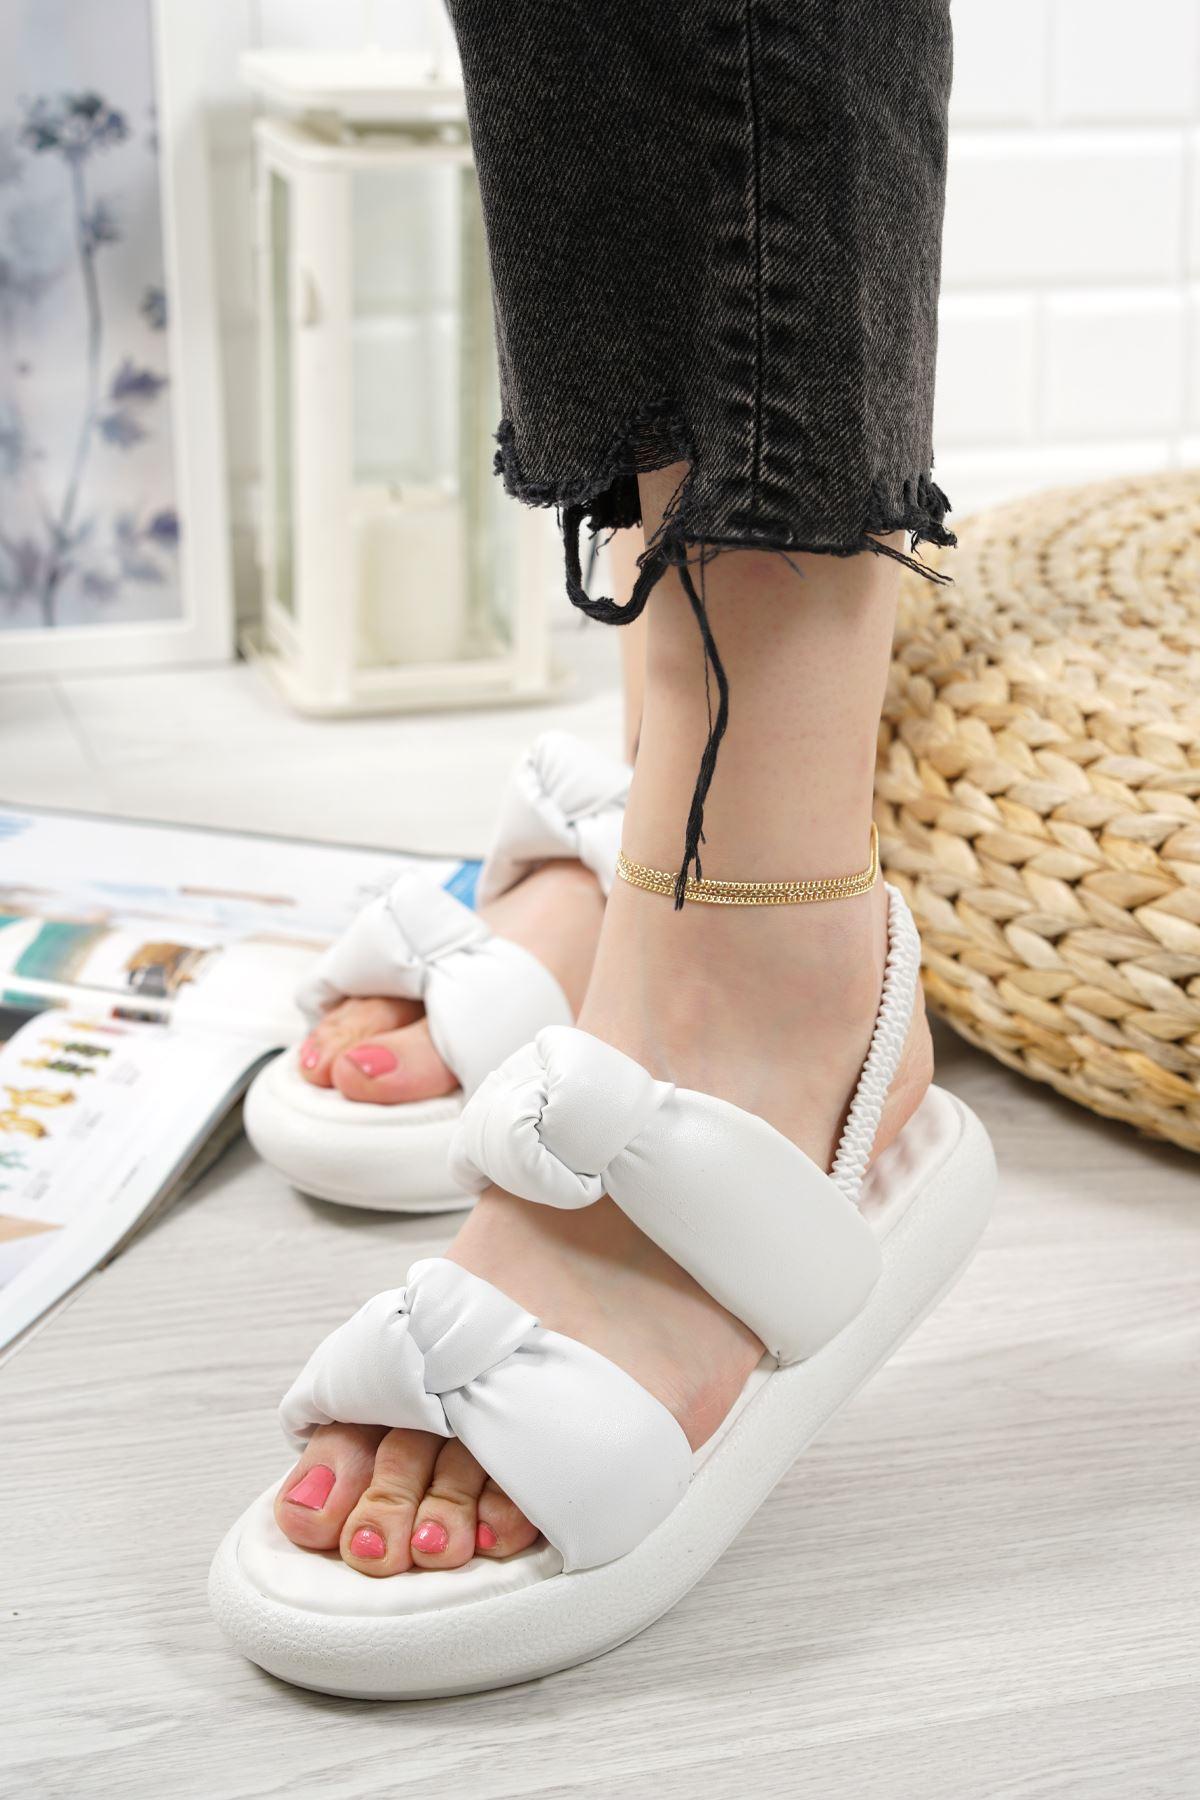 Lujina Beyaz Mat Deri Kadın Sandalet